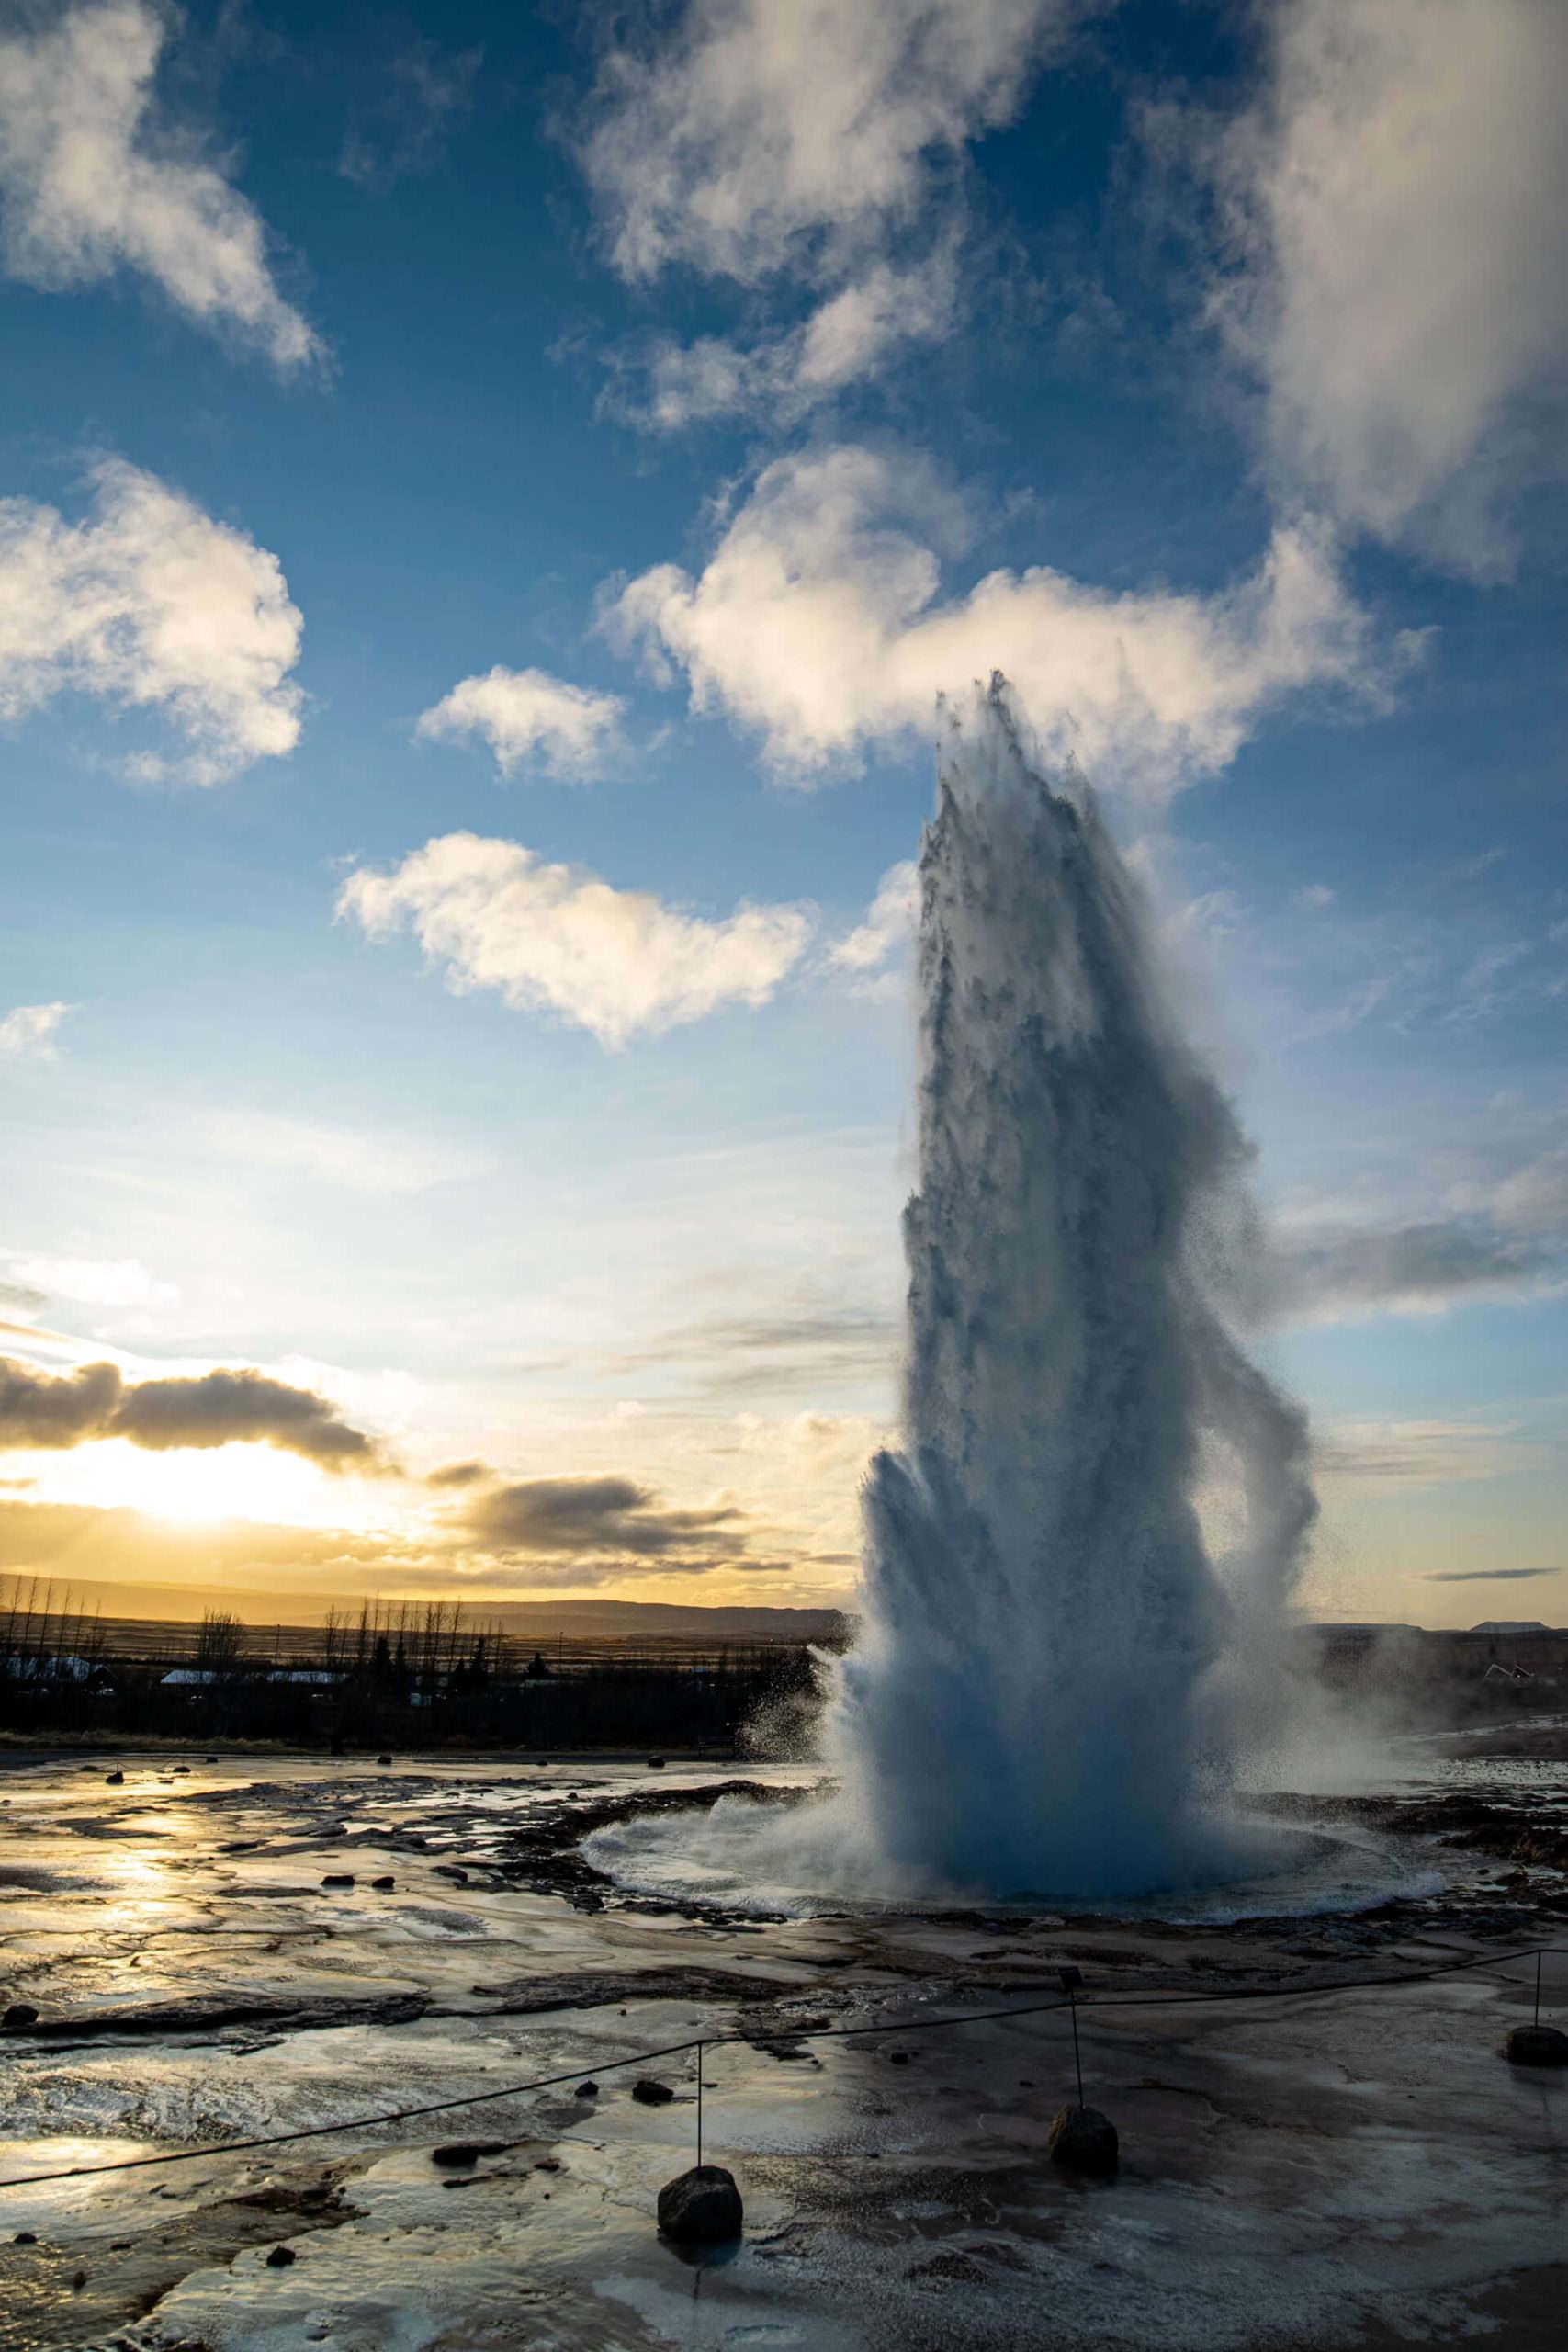 جيسير / ستروكور Geysir/Strokkur - الطبيعة الساحرة في آيسلندا